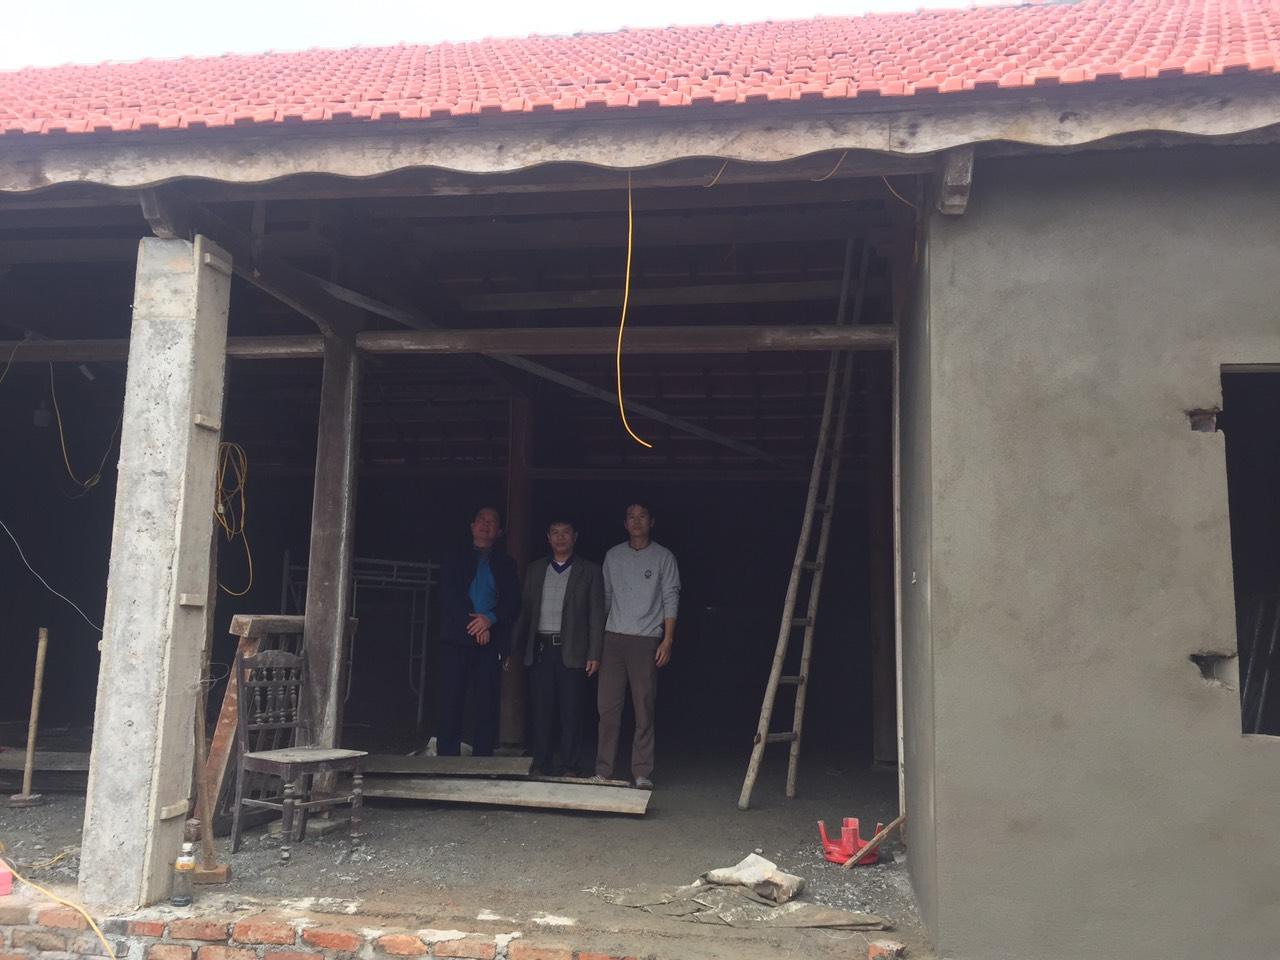 CĐN Nông nghiệp&PTNT: Khảo sát nhà Mái ấm Công đoàn cho đoàn viên có hoàn cảnh khó khăn nhân Tết Nguyên Đán Tân Sửu năm 2021